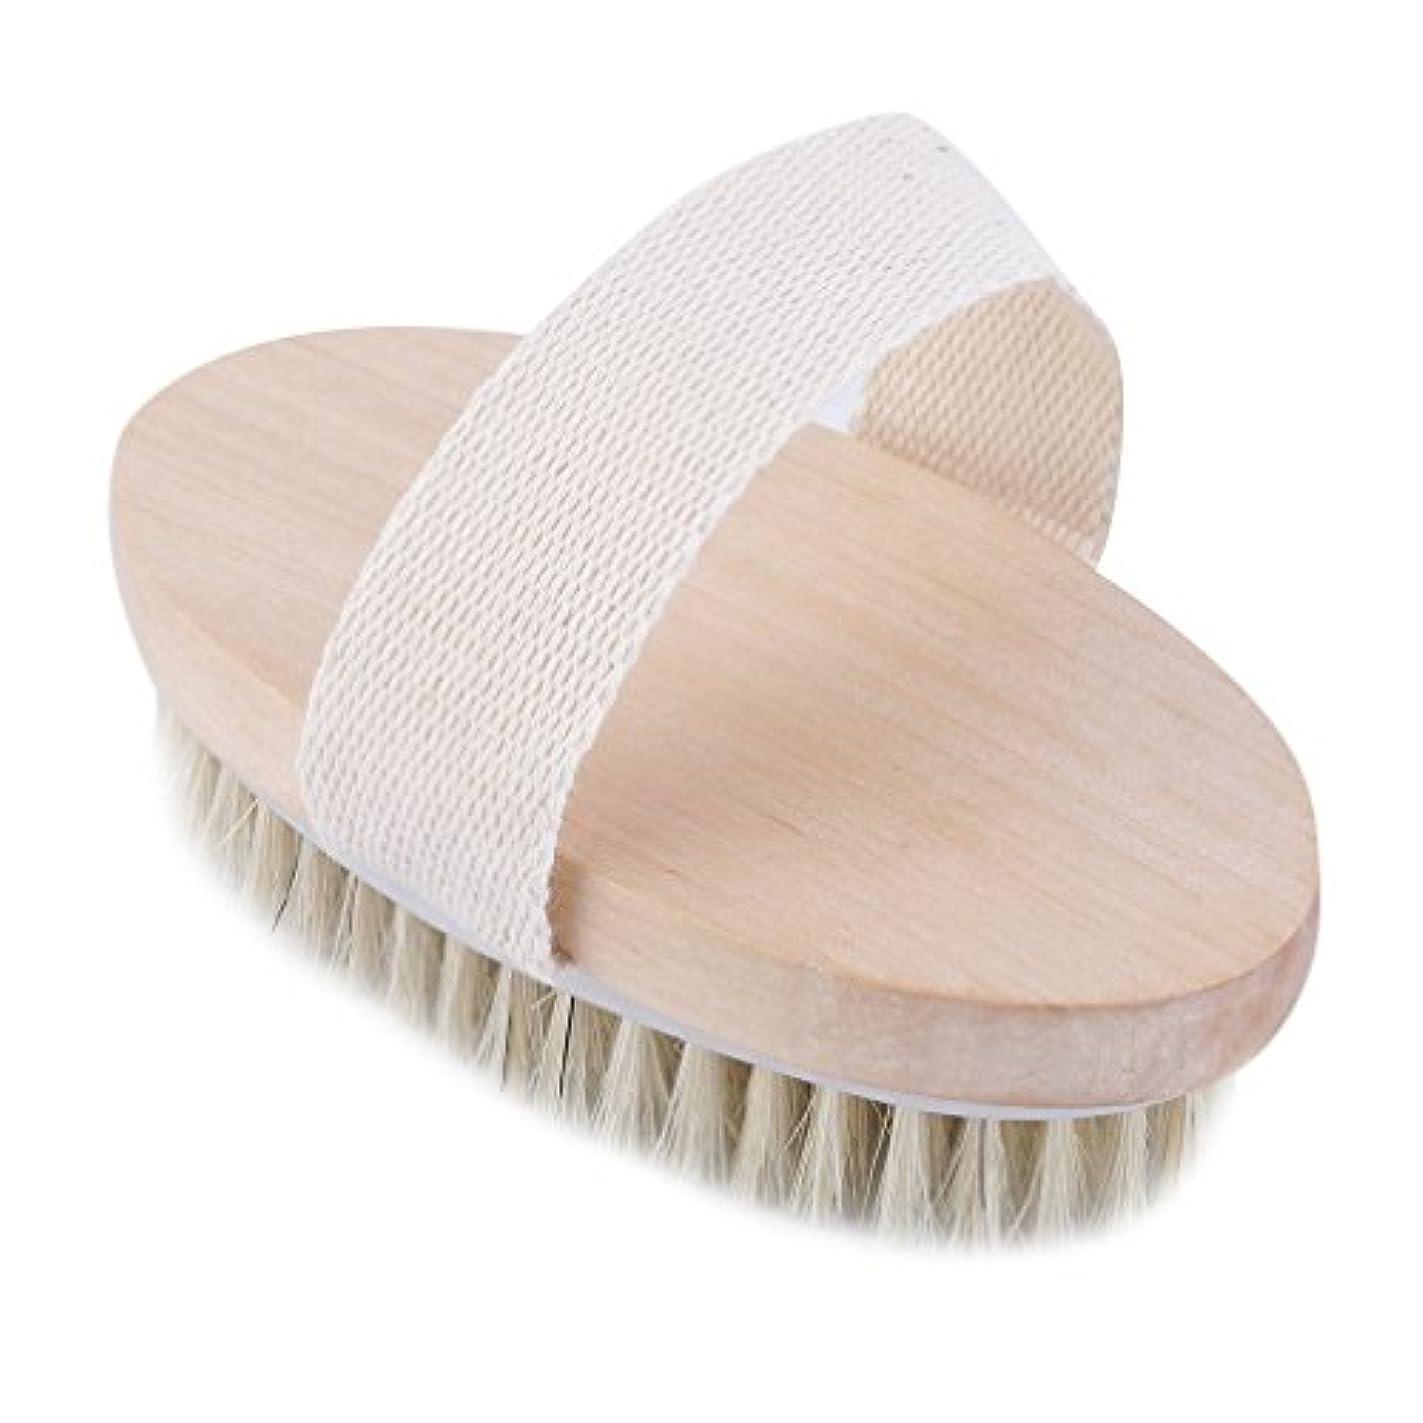 不安定な刃暗記するNerhaily 豚毛 天然素材 木製 短柄 ボディブラシ 足を洗う 角質除去 美肌 バス用品